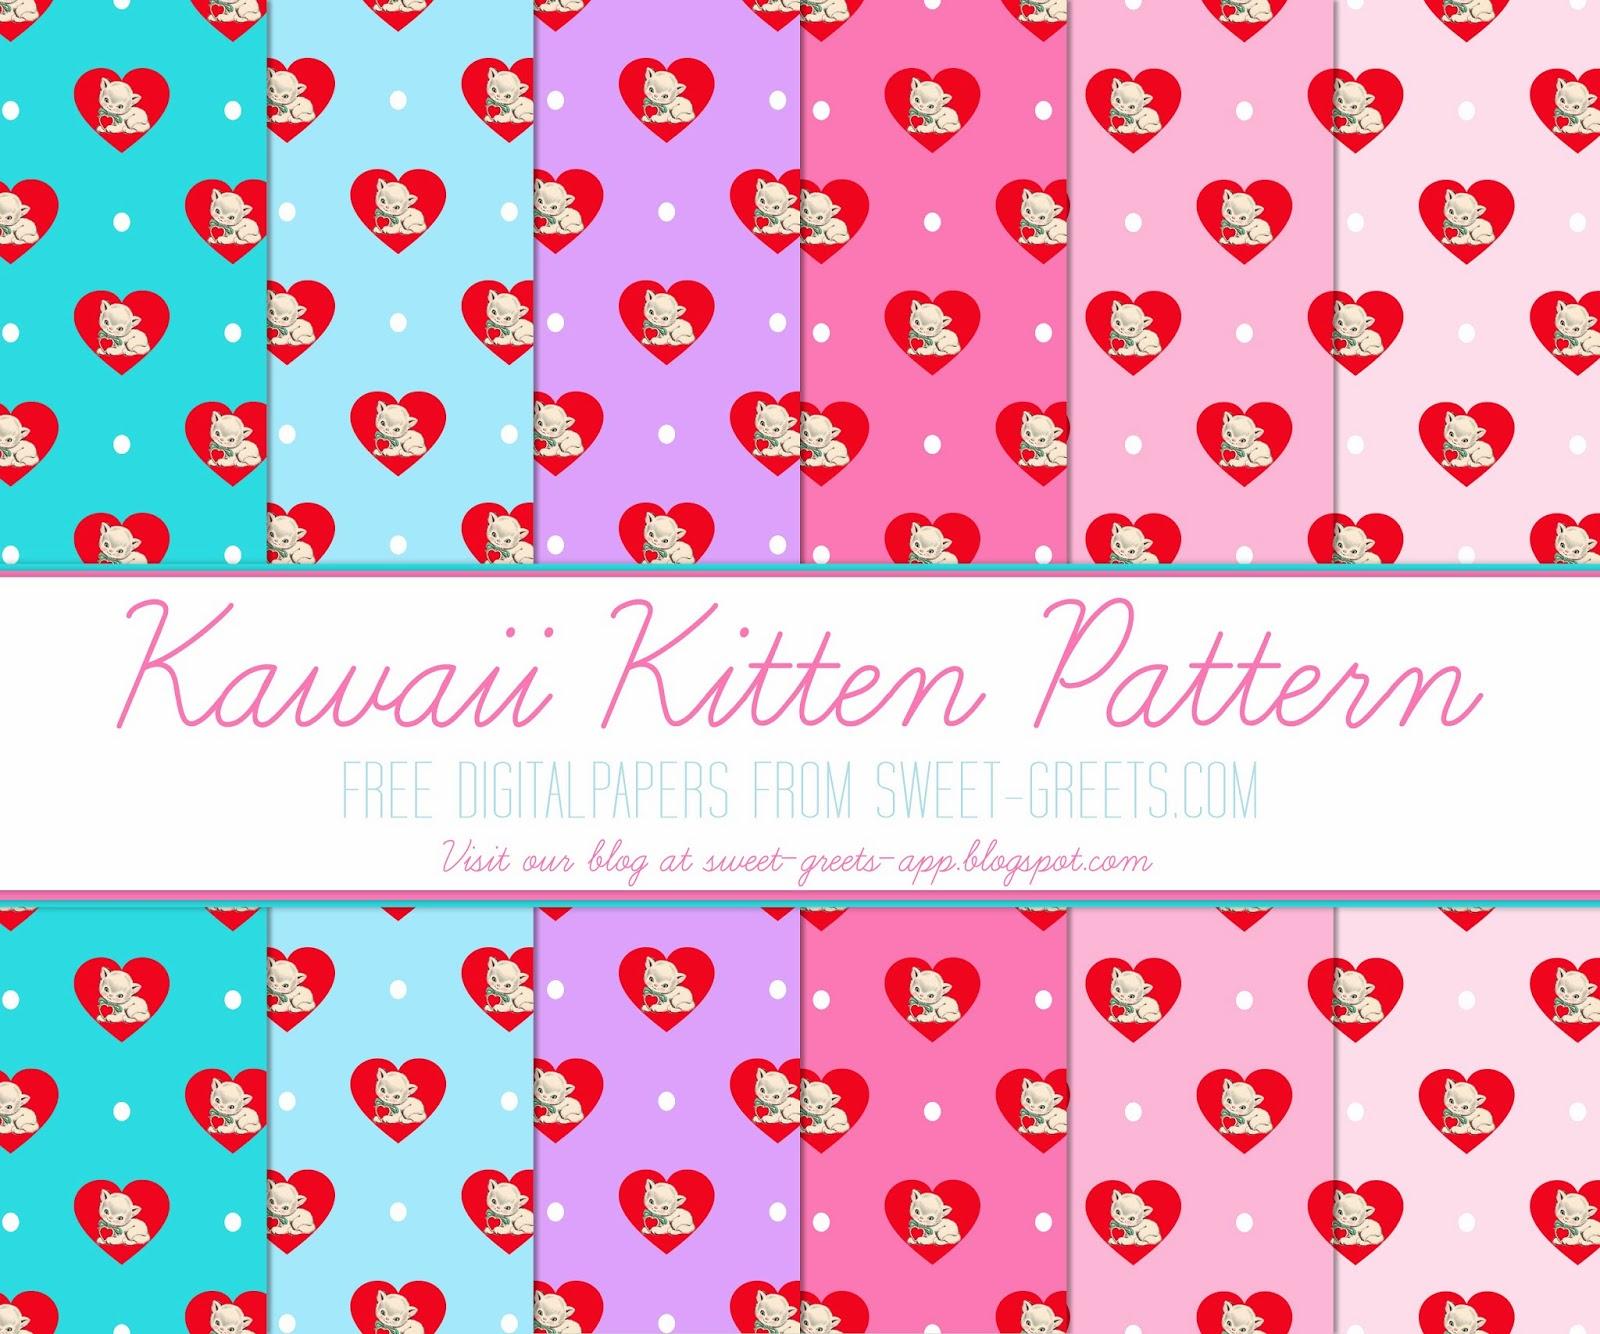 Free Digital Paper: Kawaii Kittens